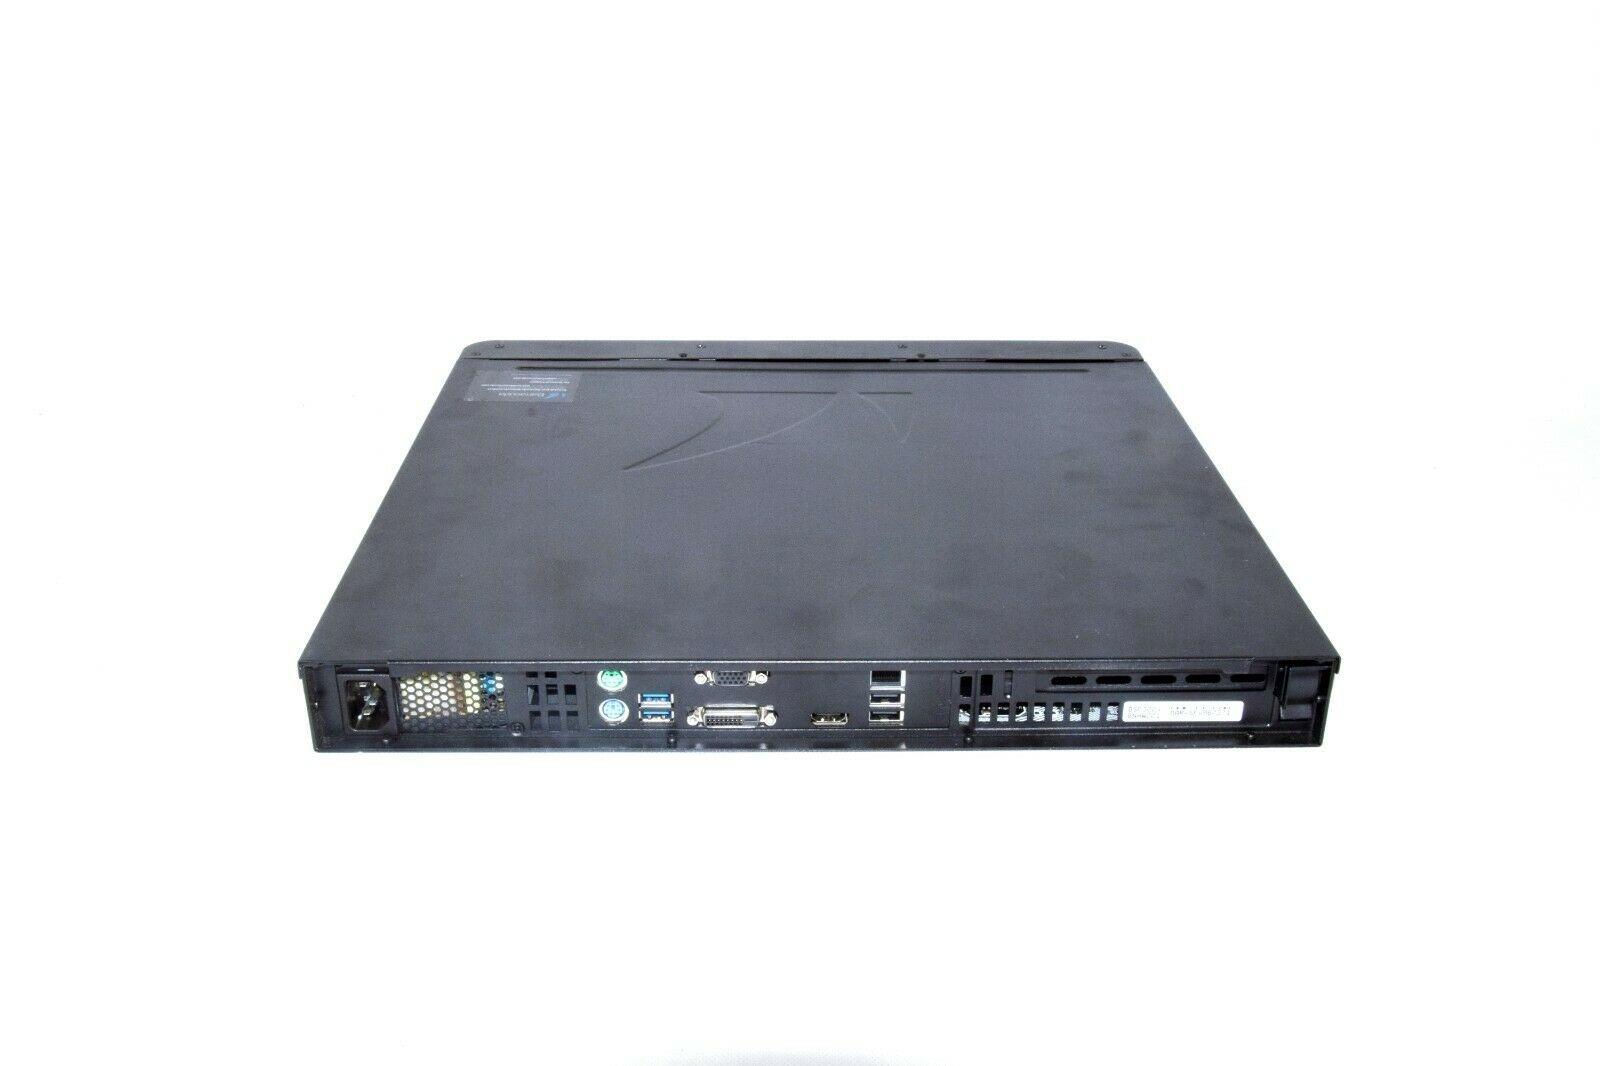 barracuda email security gateway ファームウェア